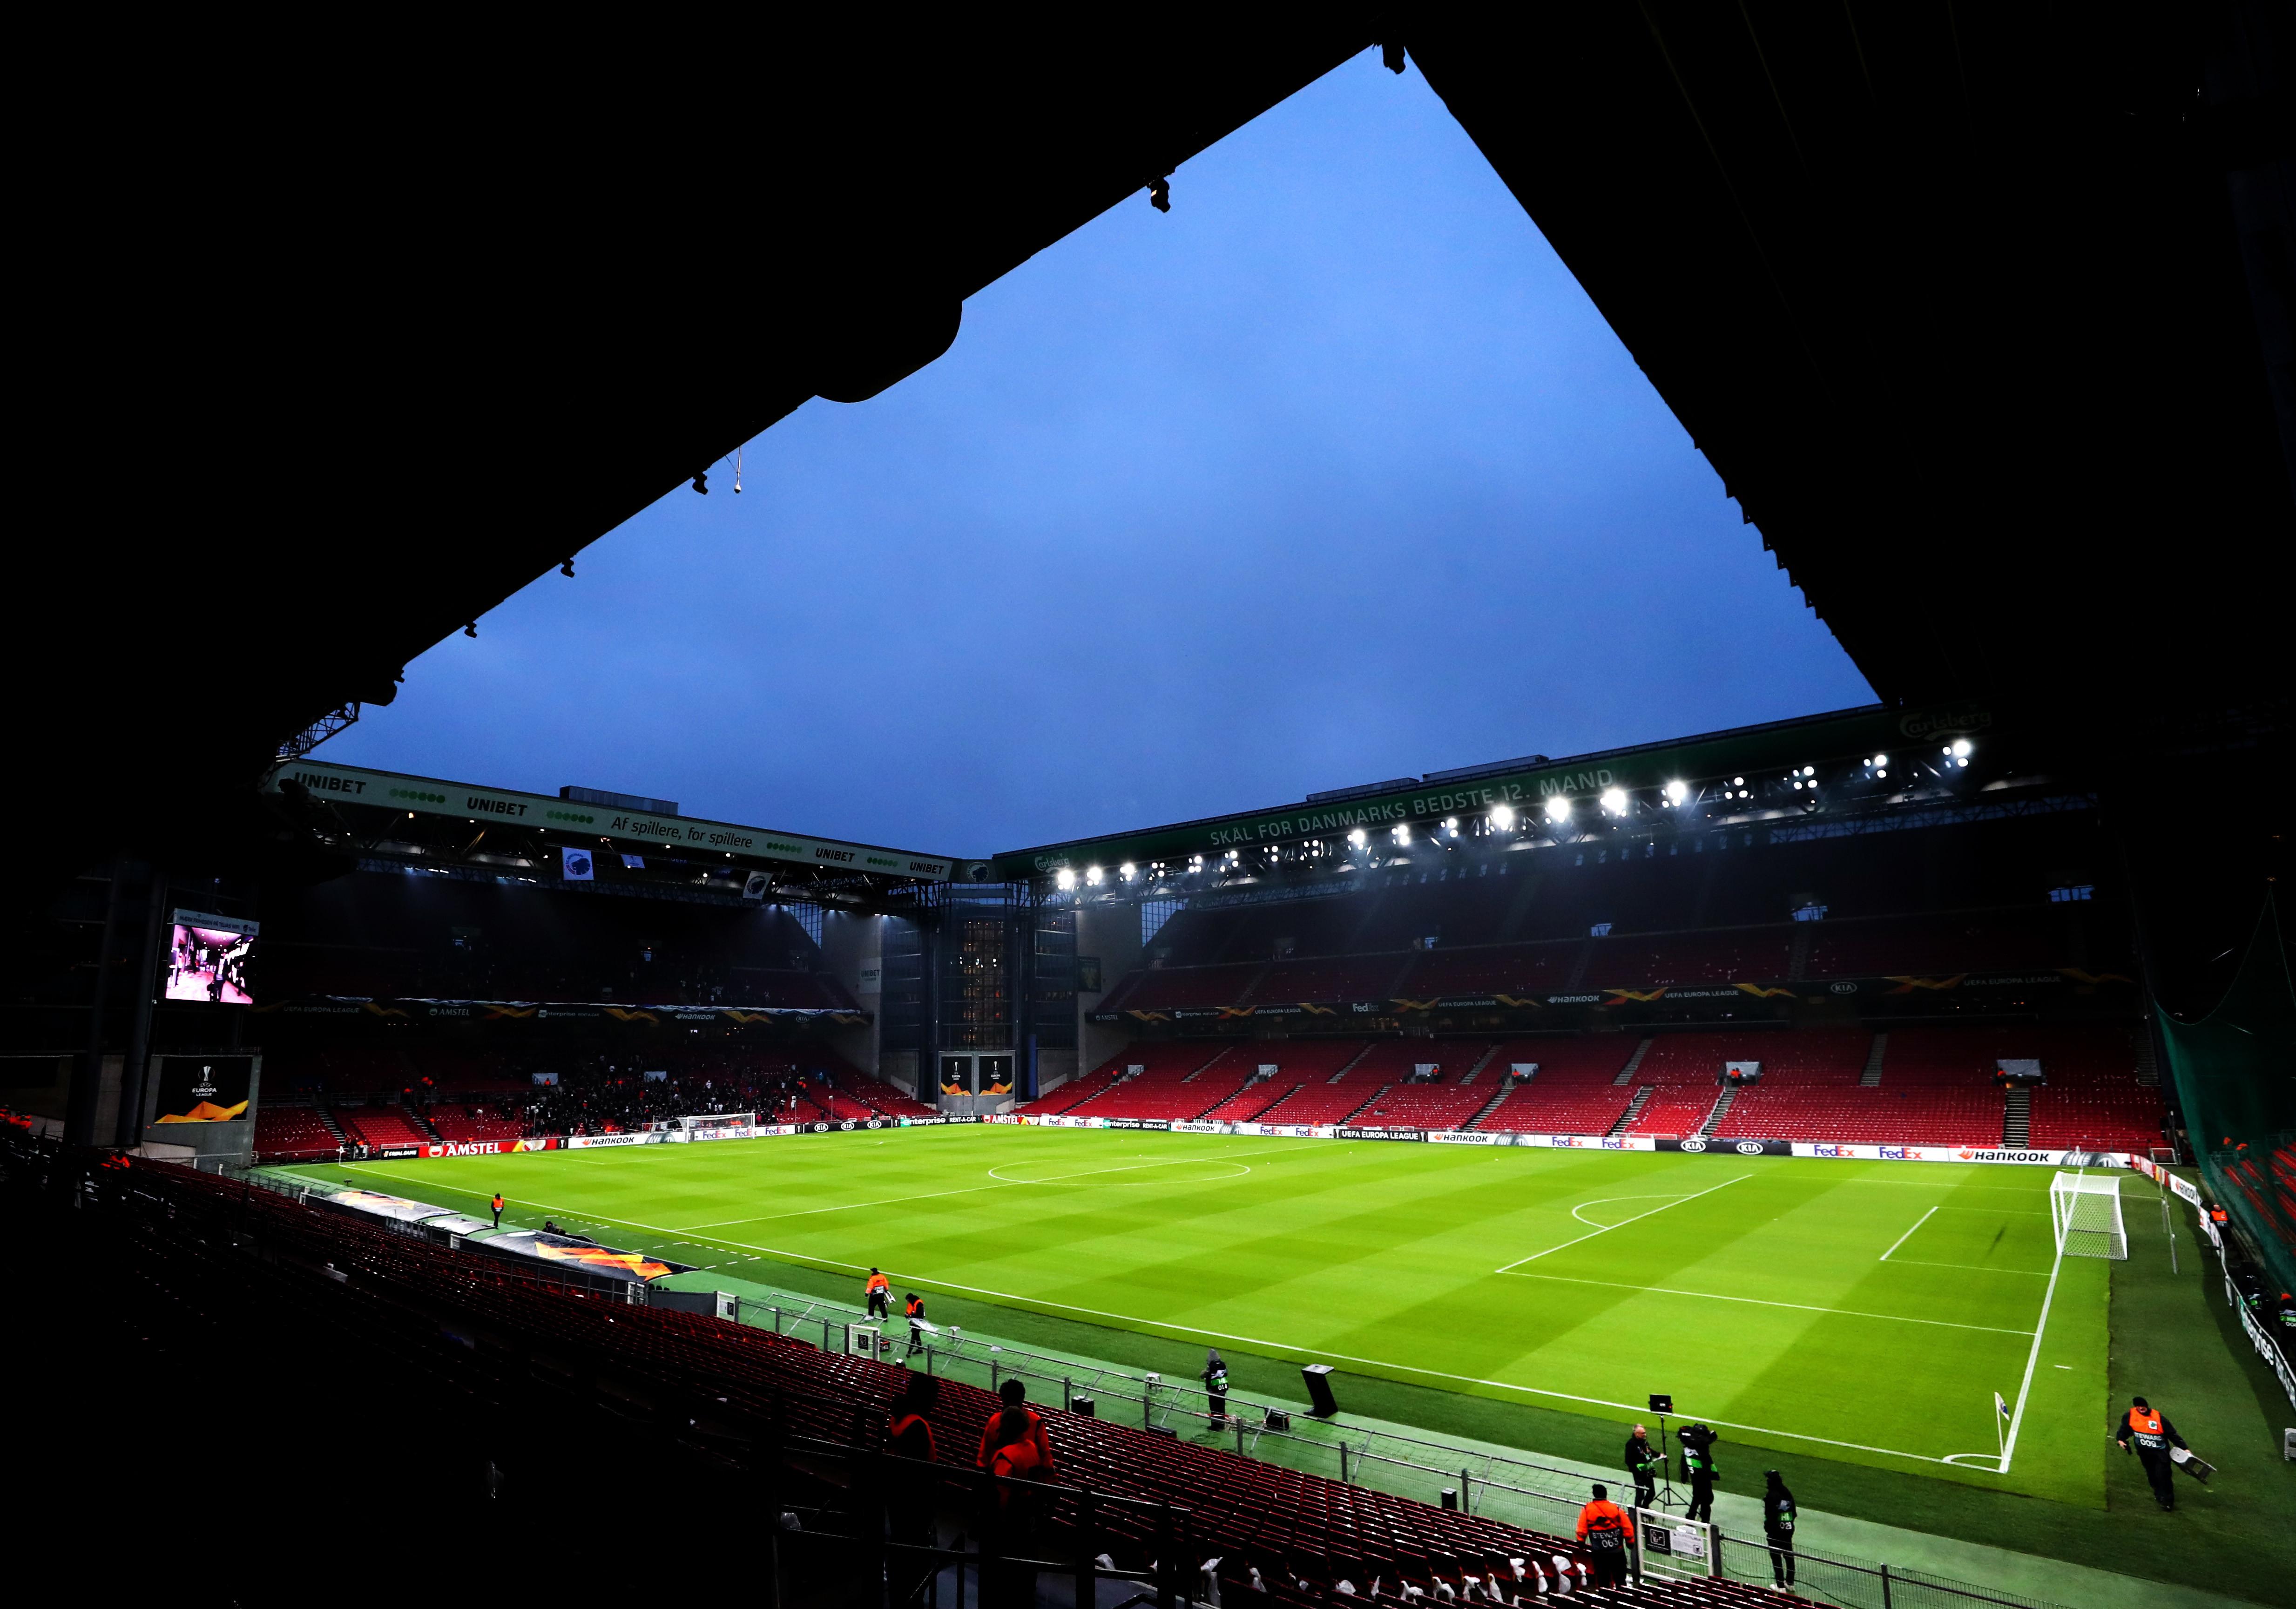 Copenaghen - Parken Stadium